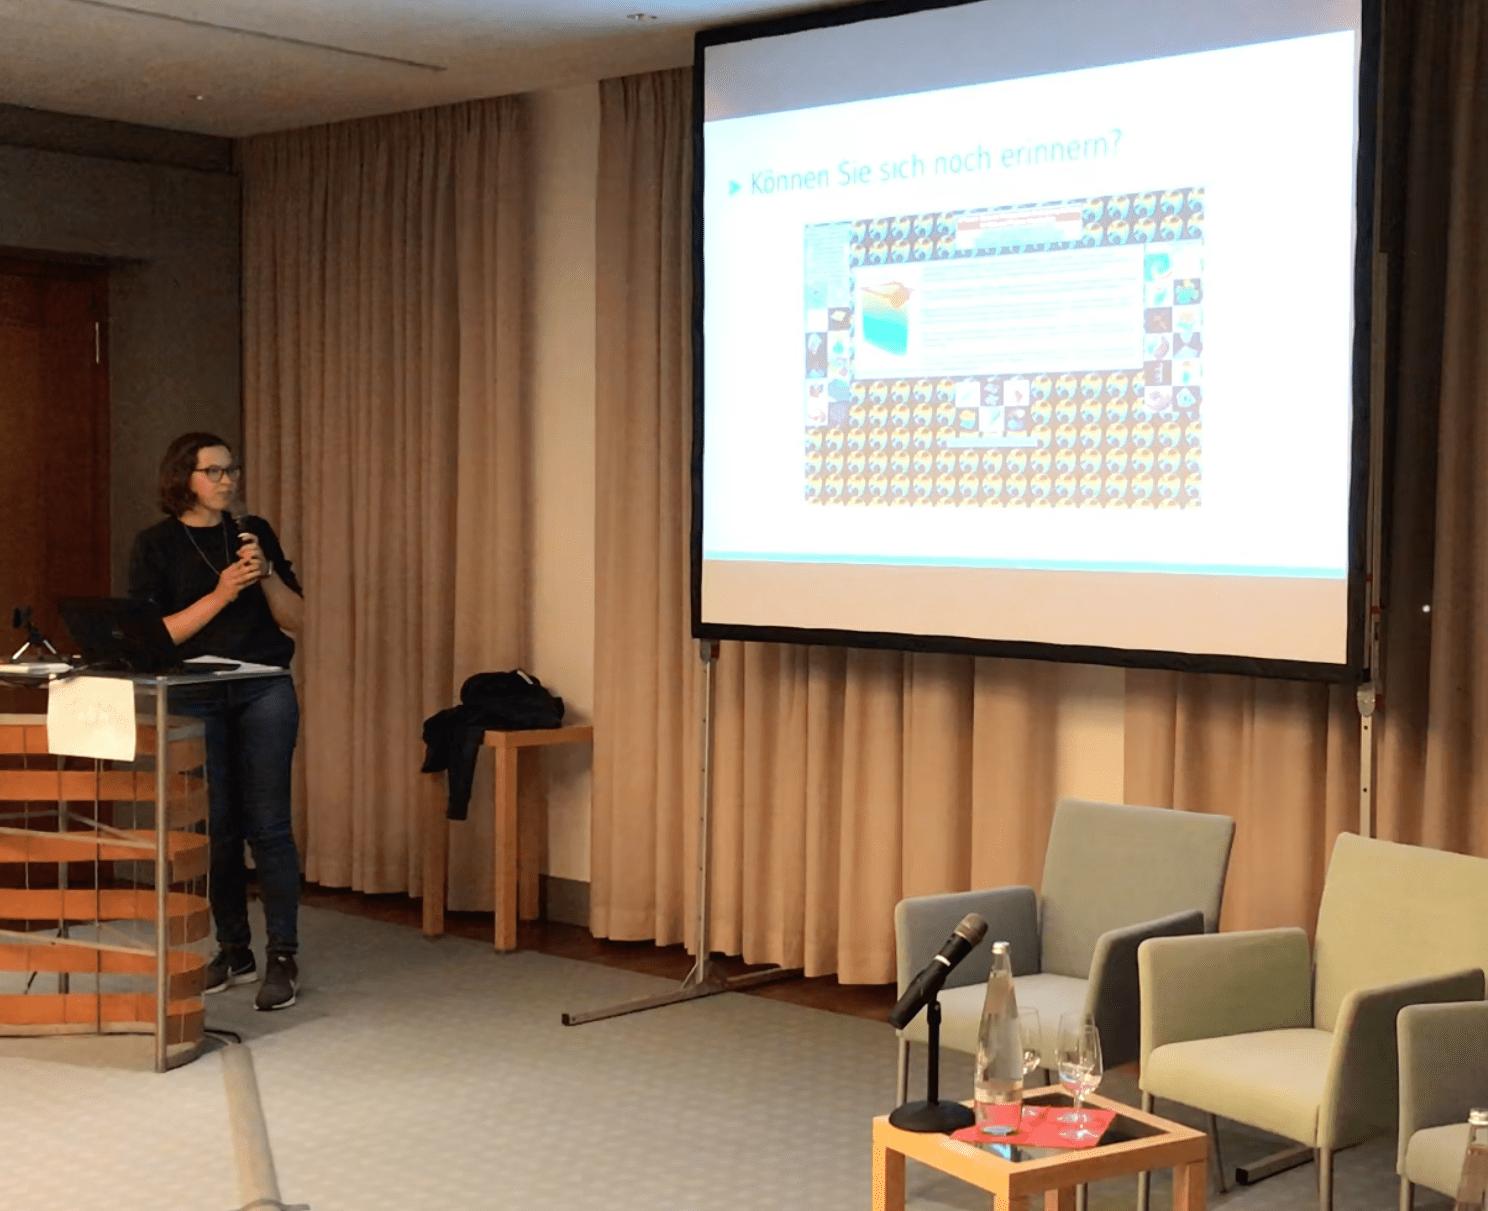 Sabine Bertram, DMW Themenabend Kryptowährung und Blockchain, Moderation Nadine Bütow